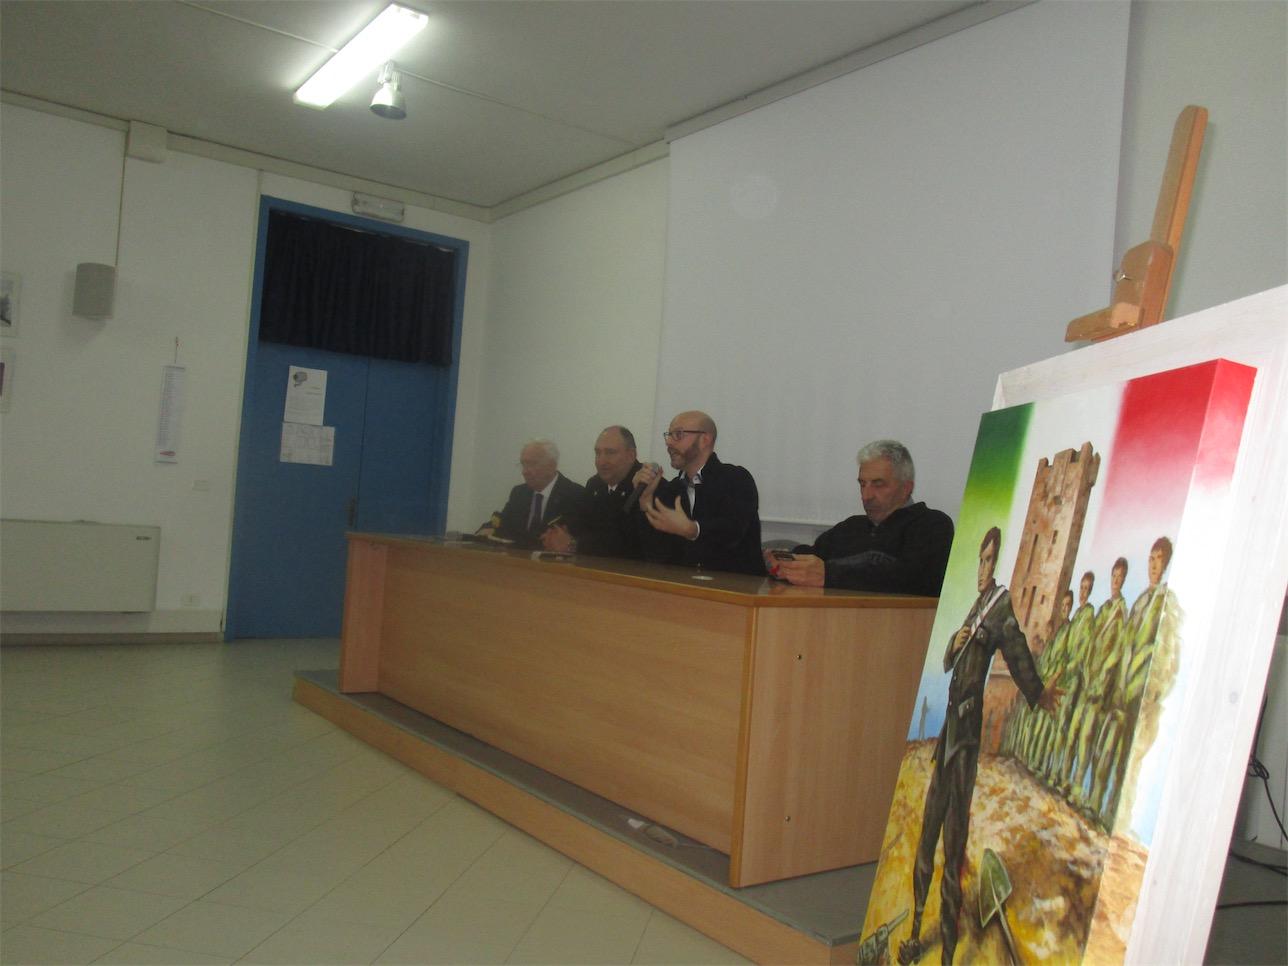 CERIMONIA PER IL 75° ANNIVERSARIO DEL SACRIFICIO DI SALVO D'ACQUISTO